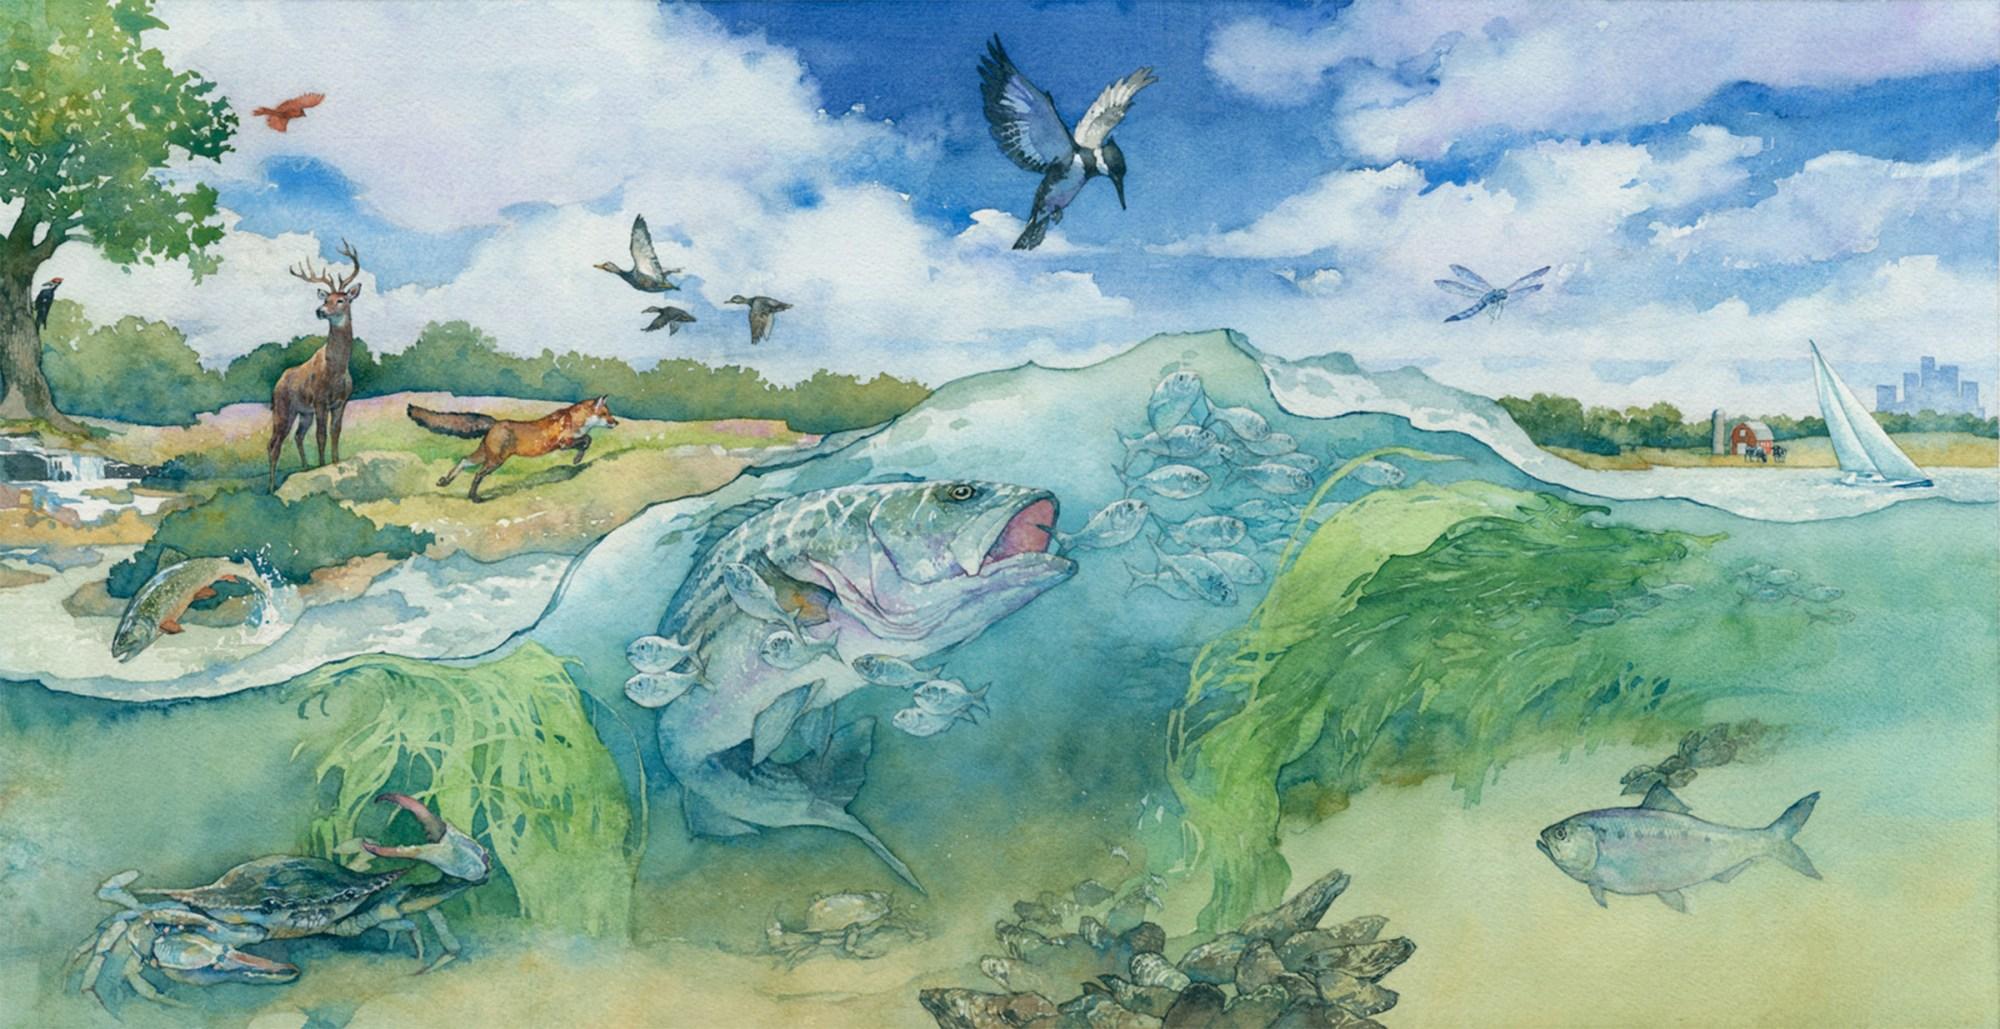 hight resolution of ecosystem